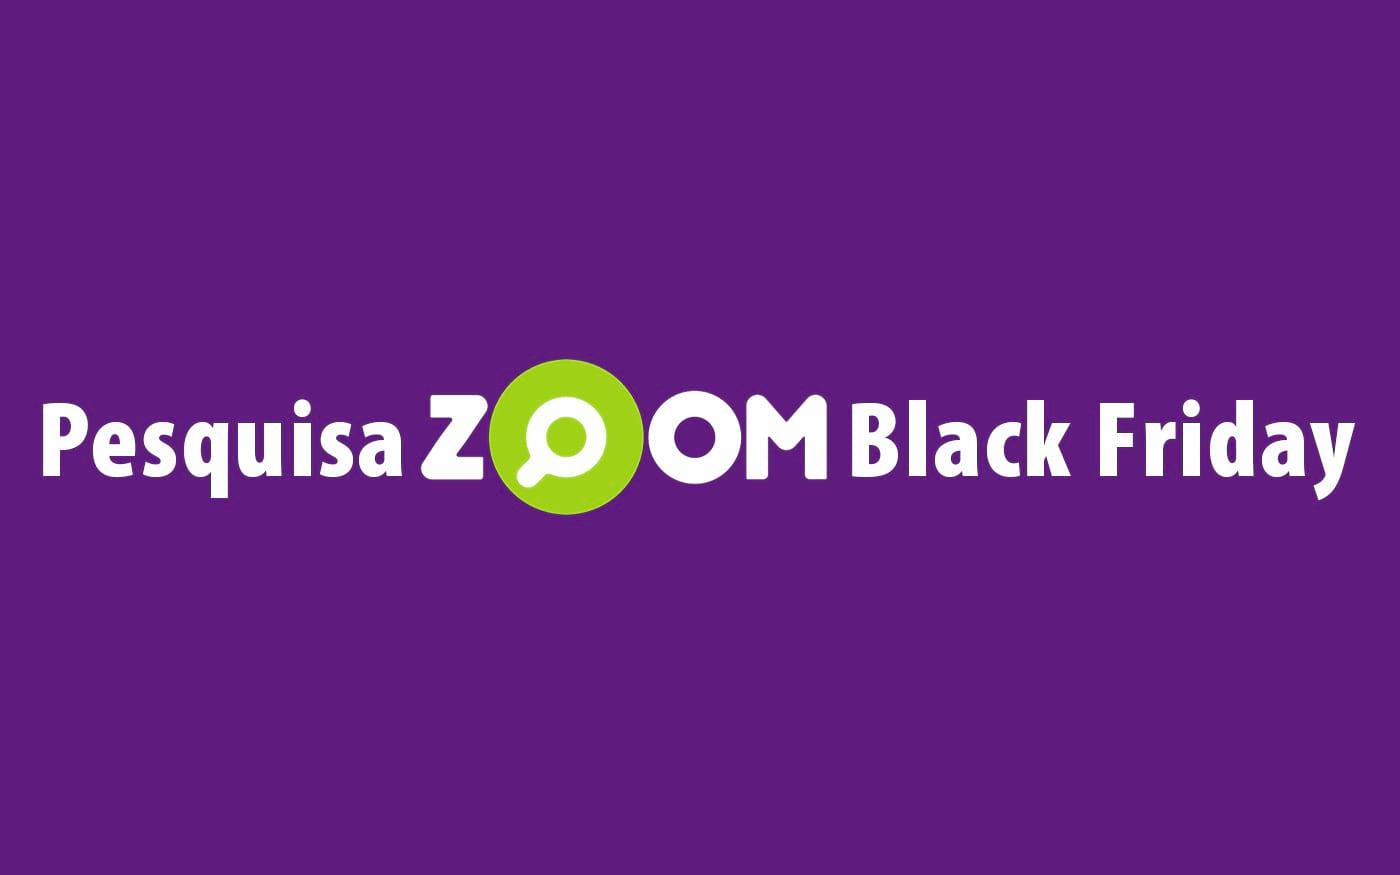 Black Friday 2019: Consumidor pretende gastar mais de R$ 1.000 durante período de ofertas